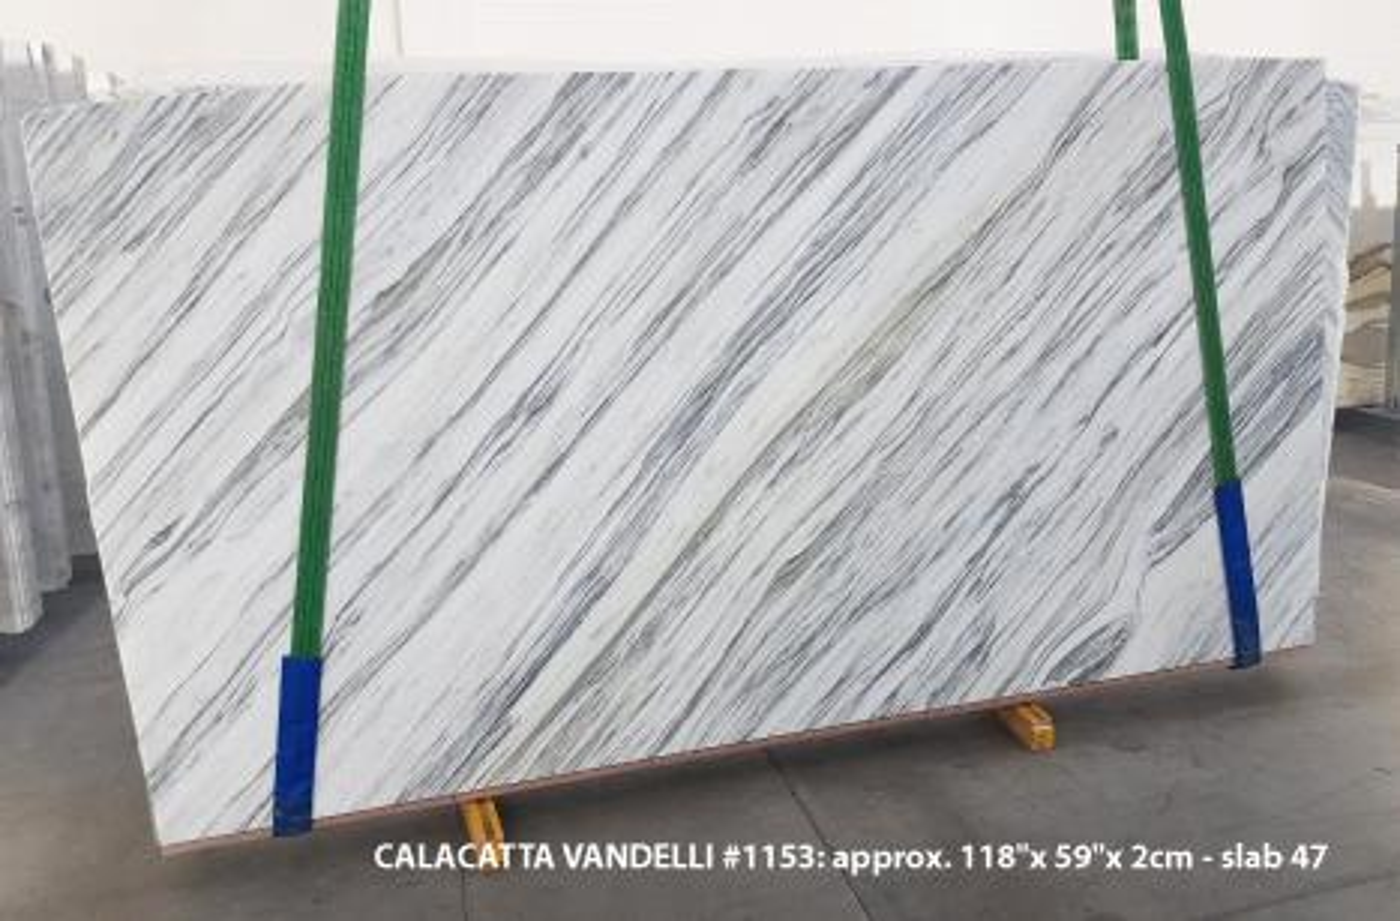 Calacatta Vandelli Suministro (Italia) de planchas pulidas en mármol natural 1153 , Slab #47